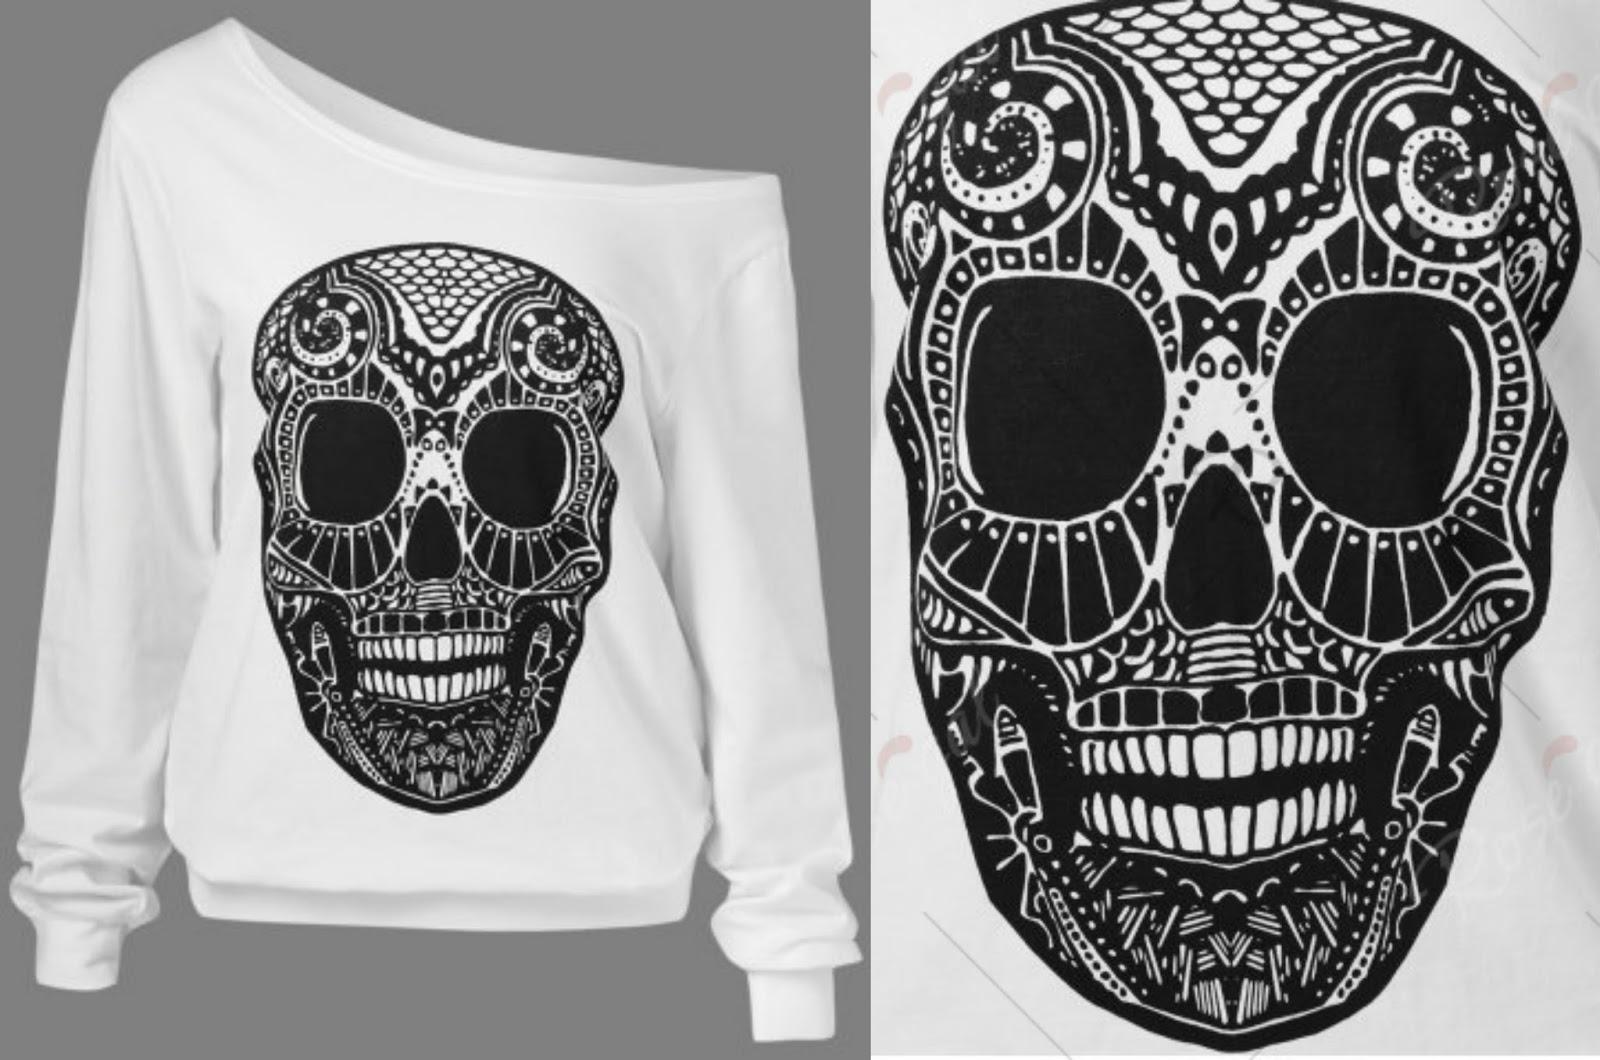 3D Skulls Print Skew Collar Sweatshirt